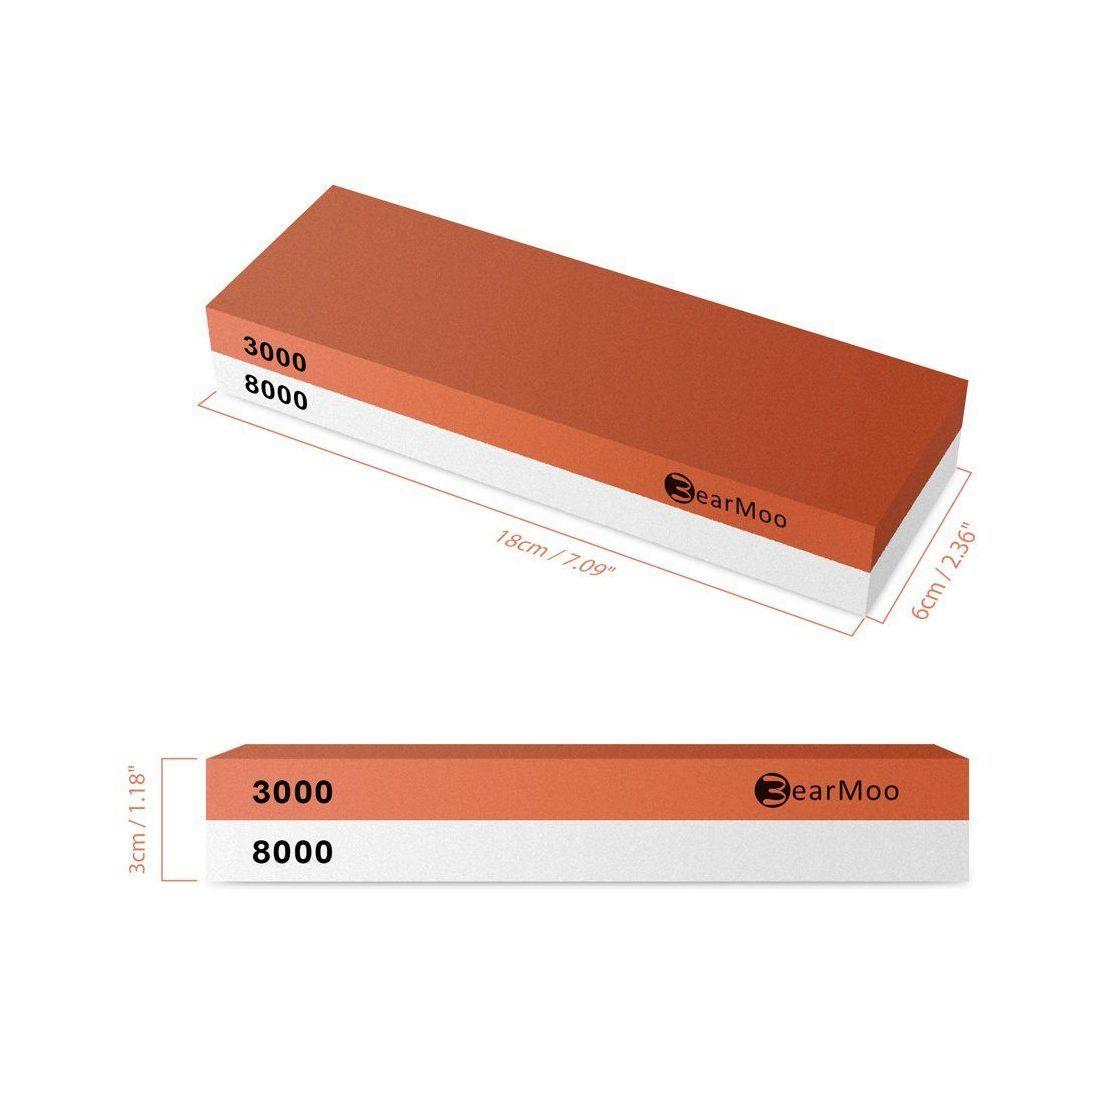 Pierre à aiguiser, BearMoo 2 en 1 meule Pierre a aiguiser pour couteaux avec support antidérapant silicone, 3000/8000